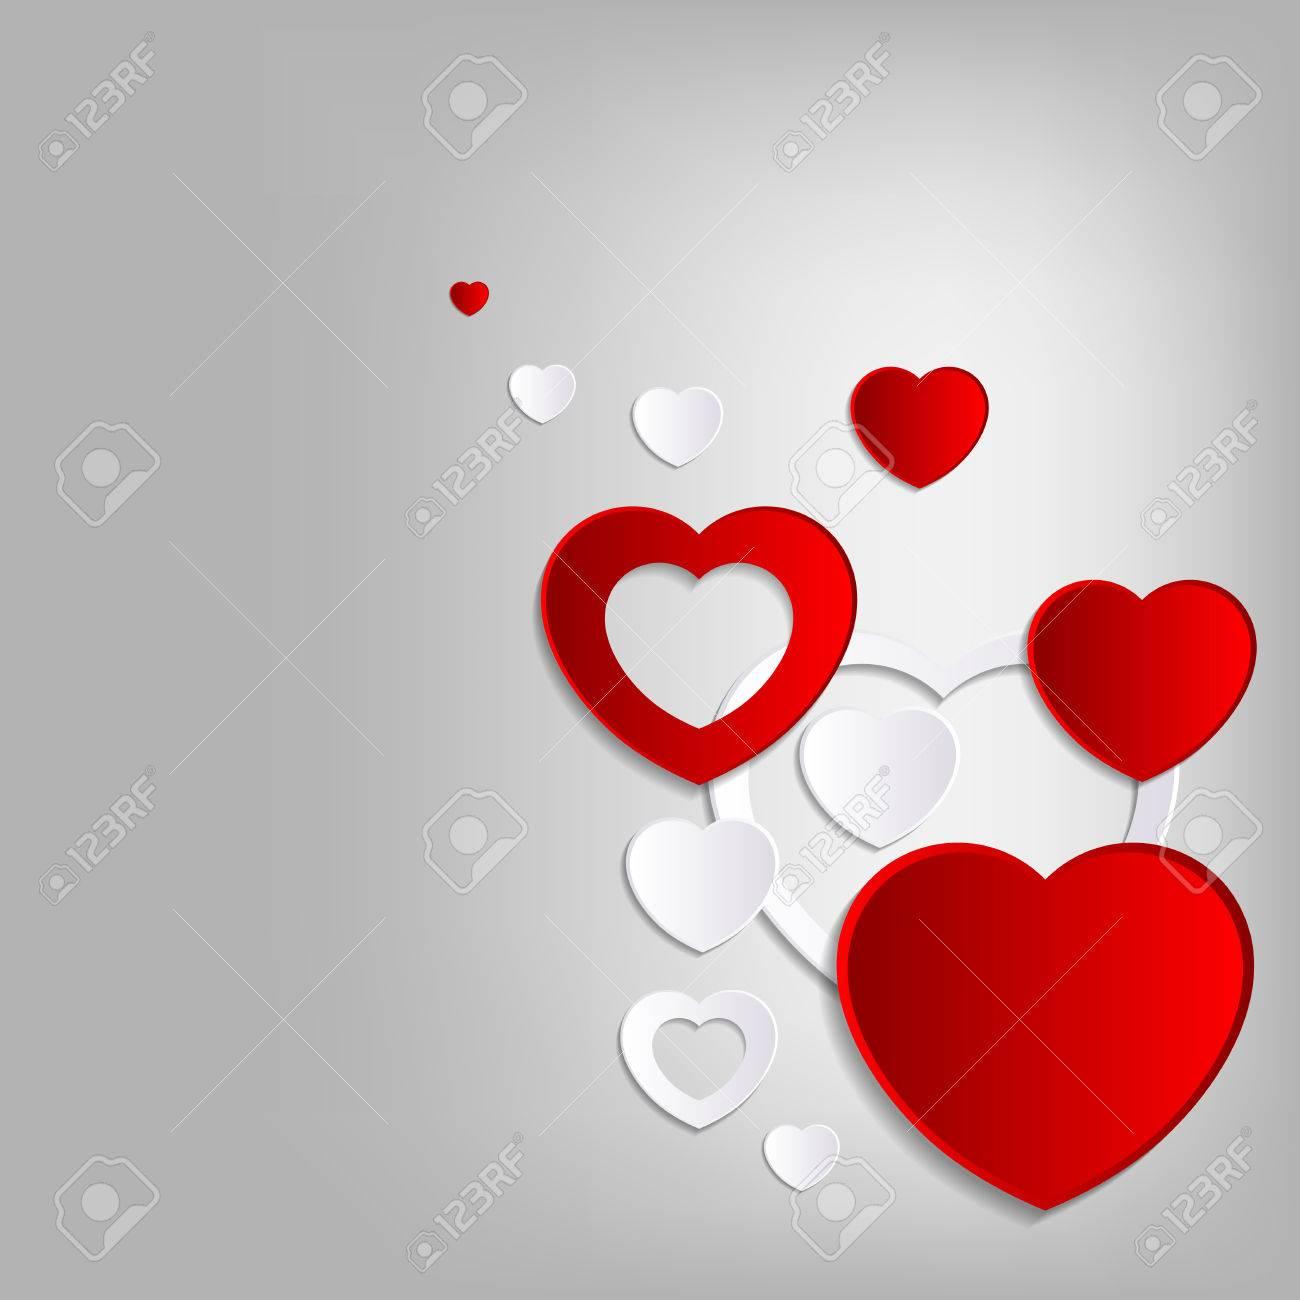 lovely heart background